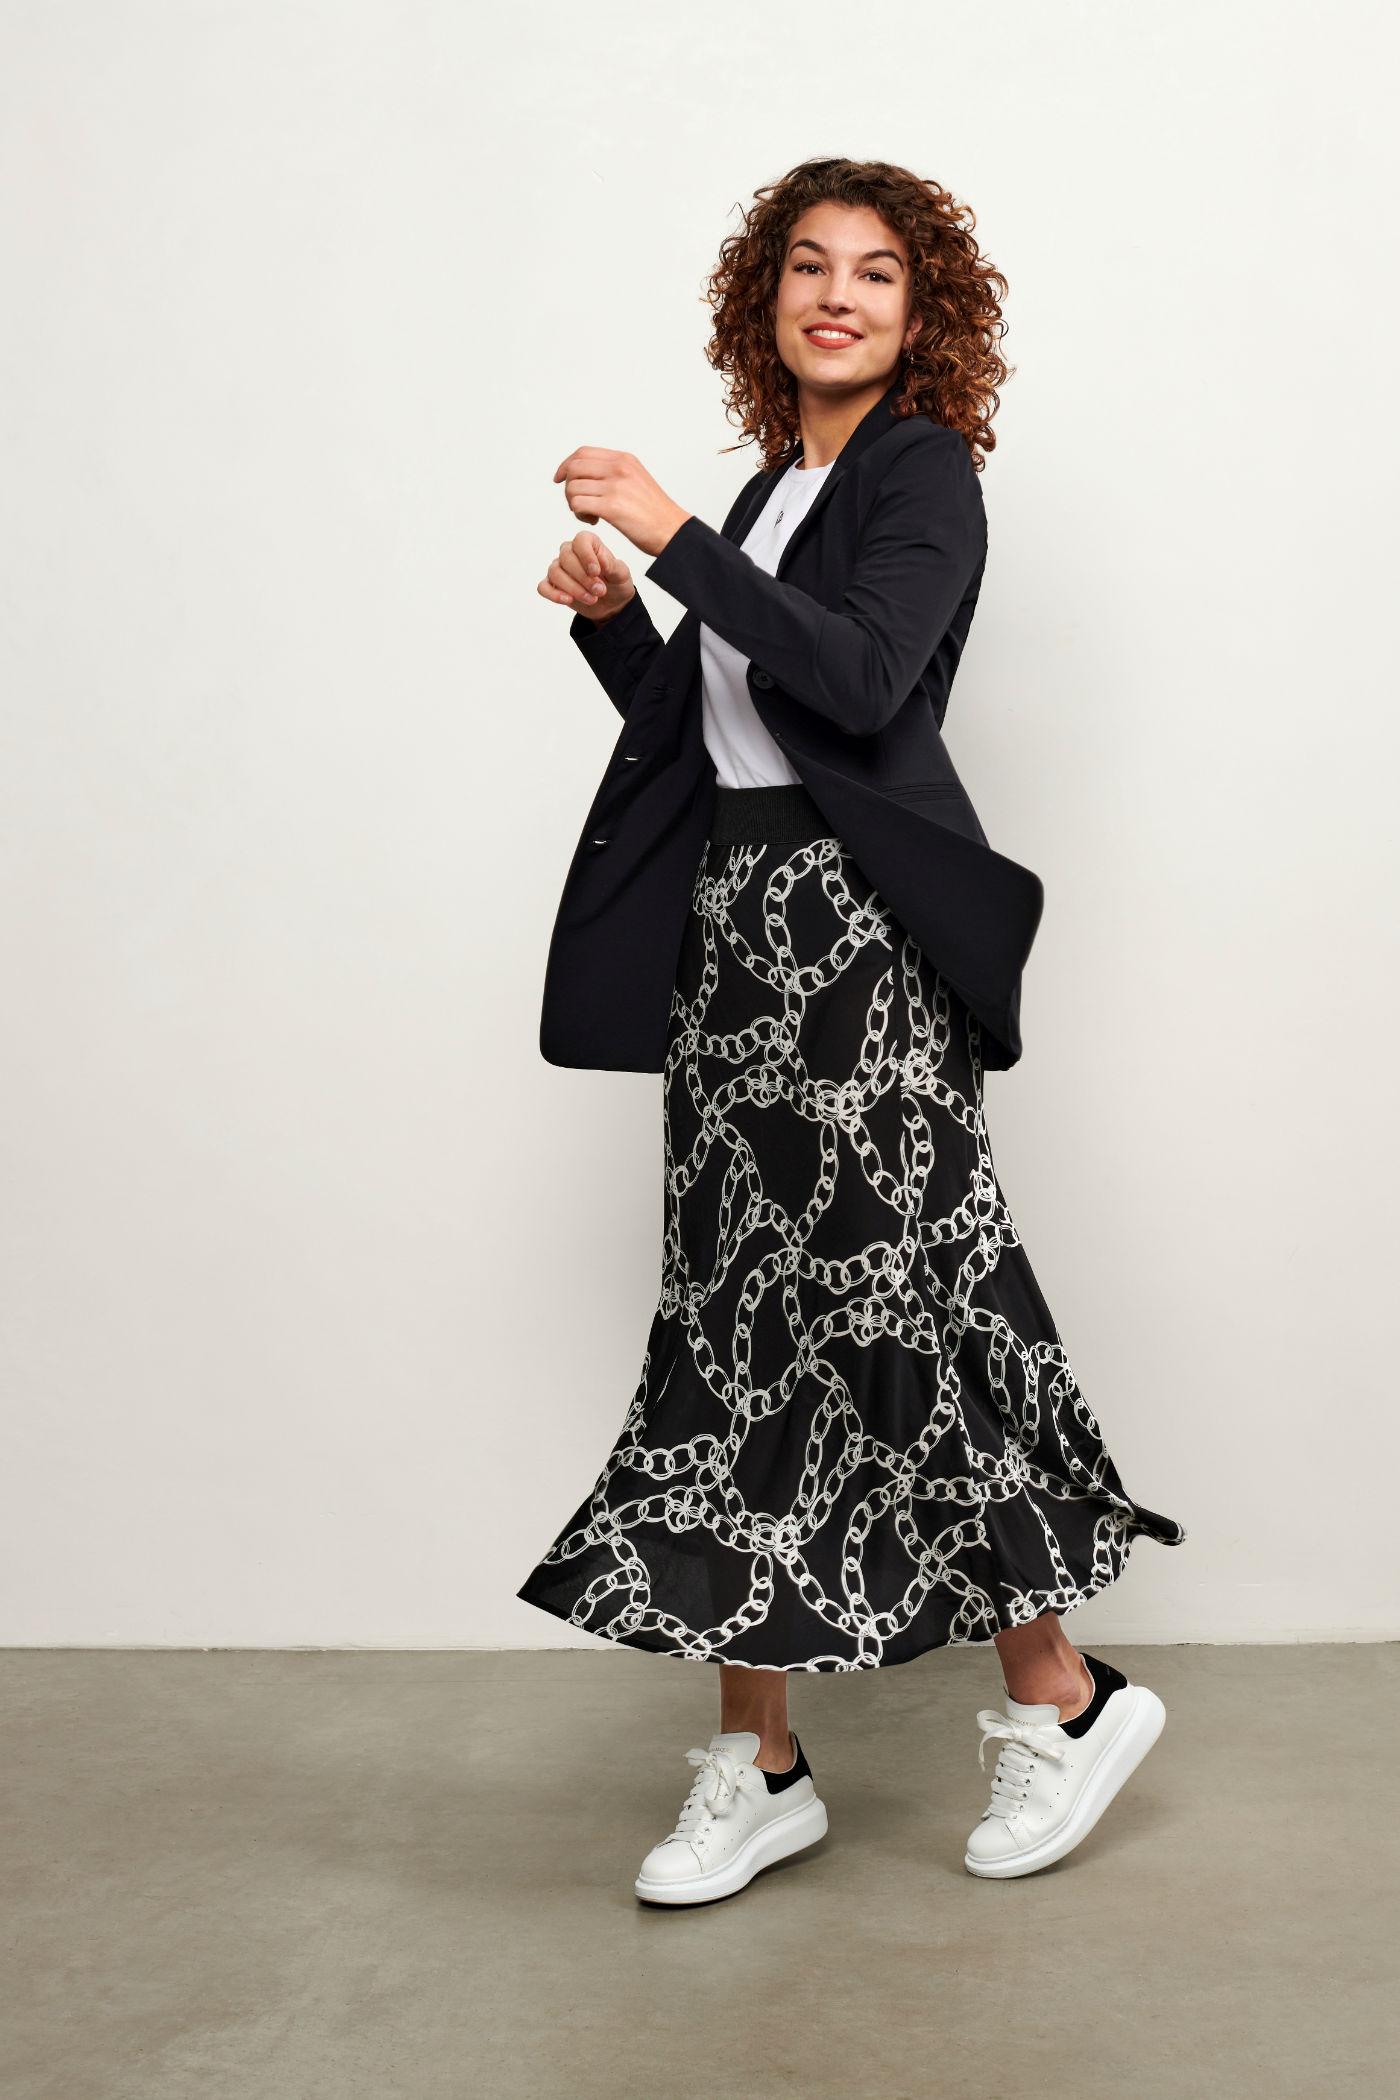 &Co Woman damesmode kleding winkel